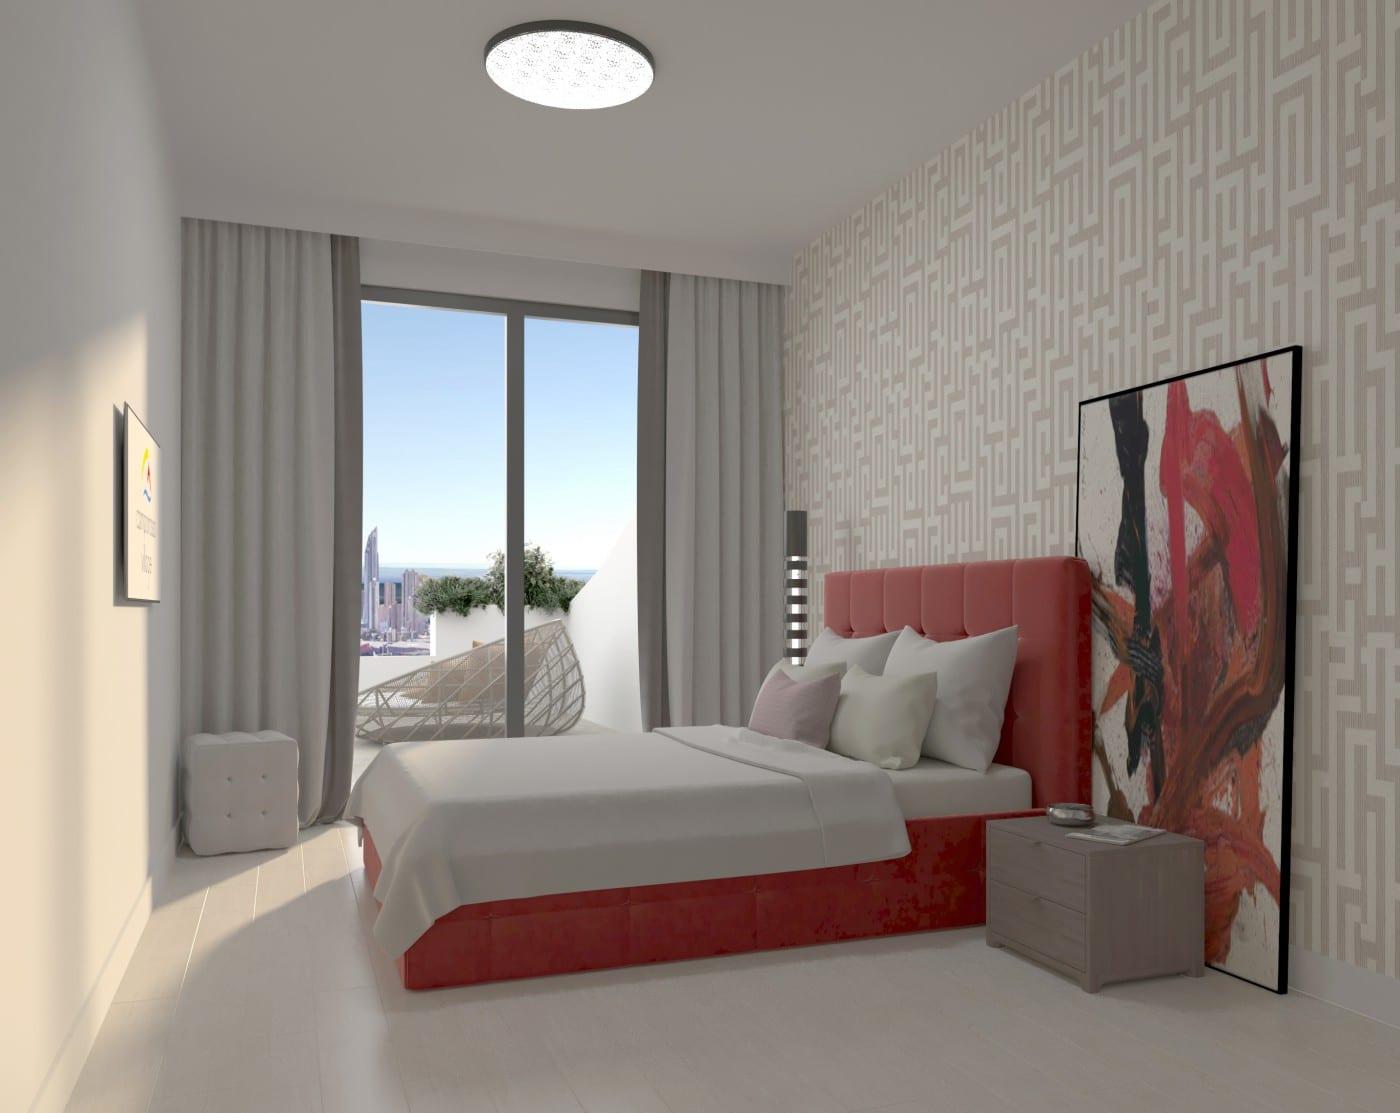 nowe-apartamenty-w-kompleksie-z-pieknymi-basenami-4-17907